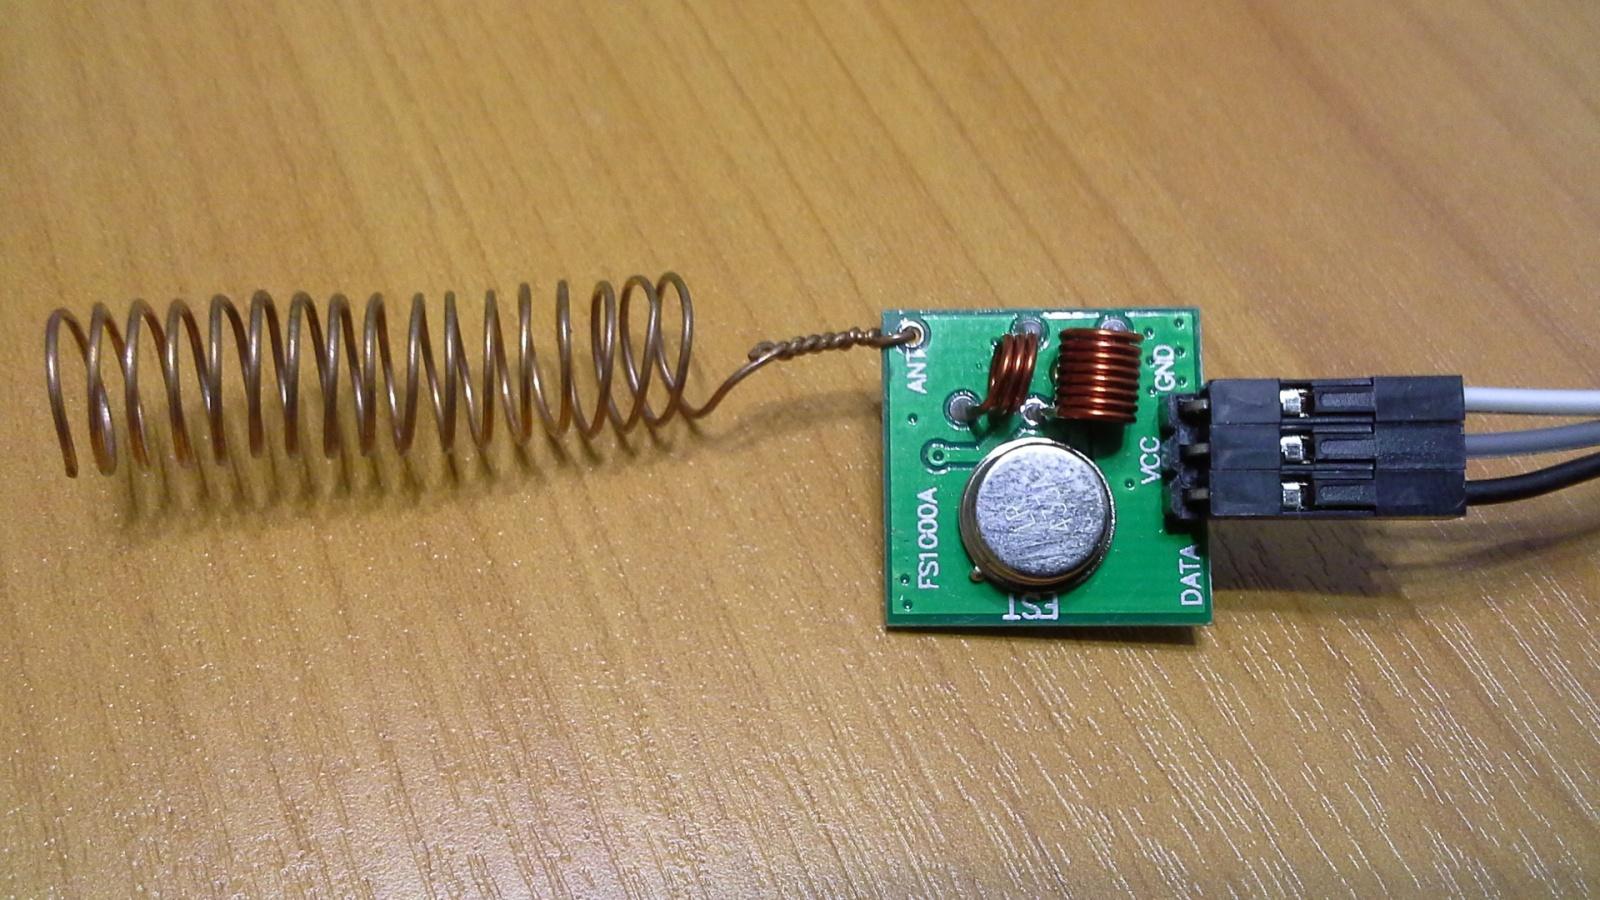 Управление шлагбаумом с помощью Arduino UNO и радиопередатчика 433 МГц - 2